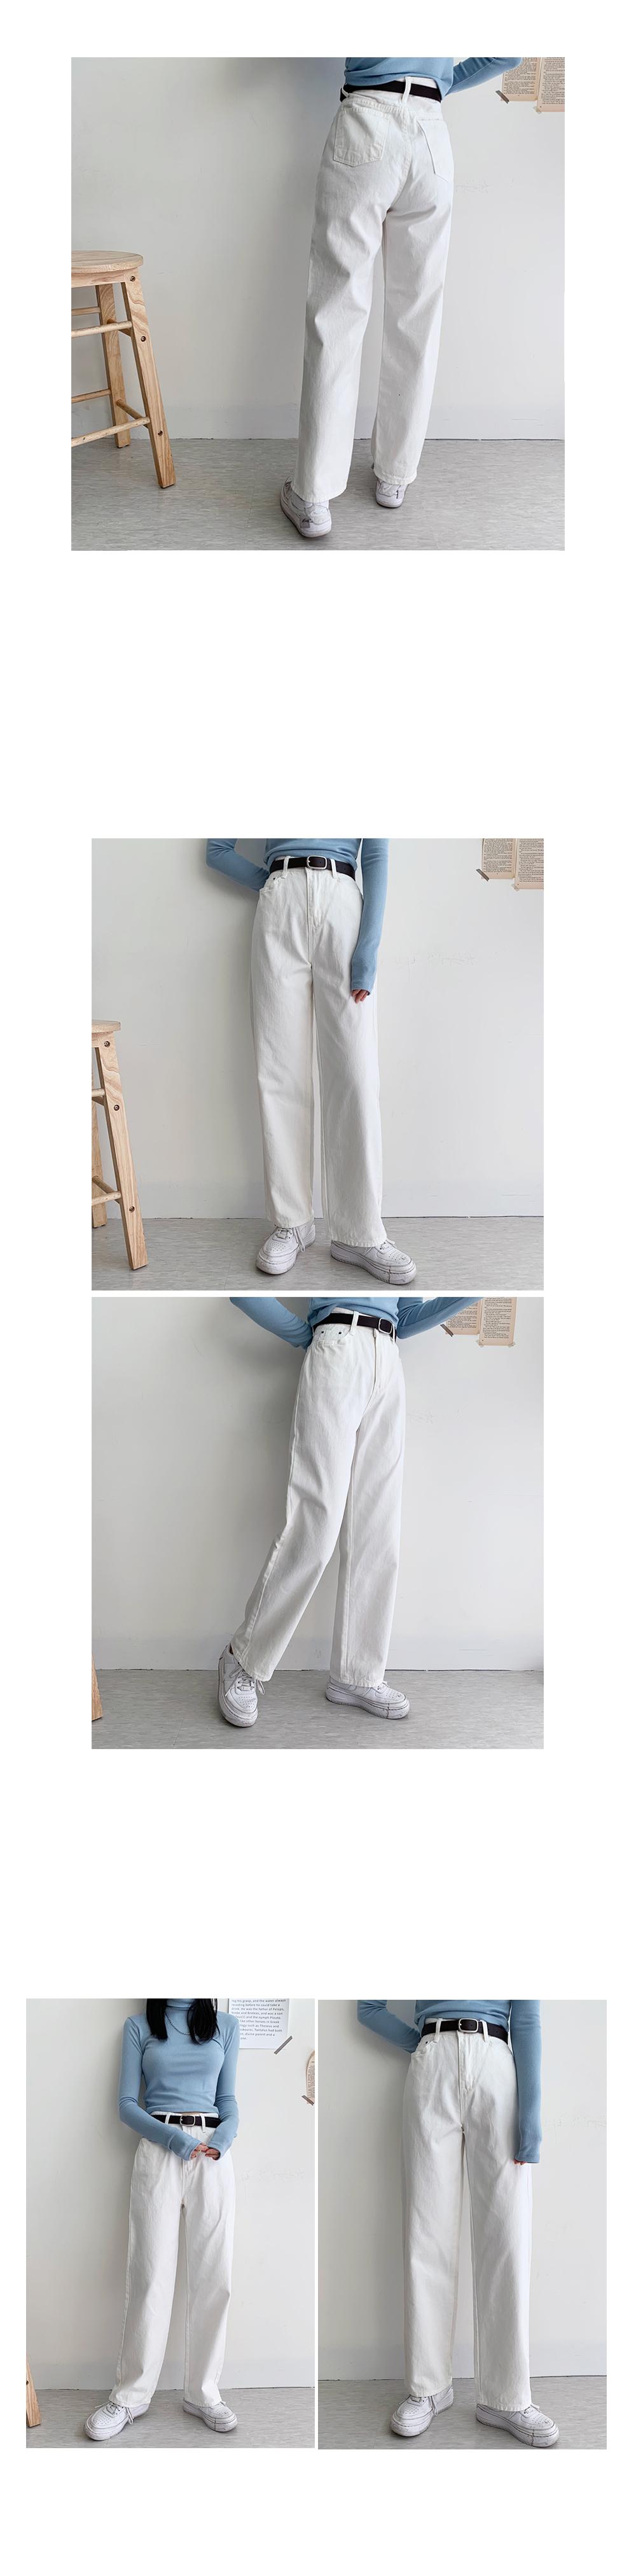 Fine cotton wide pants